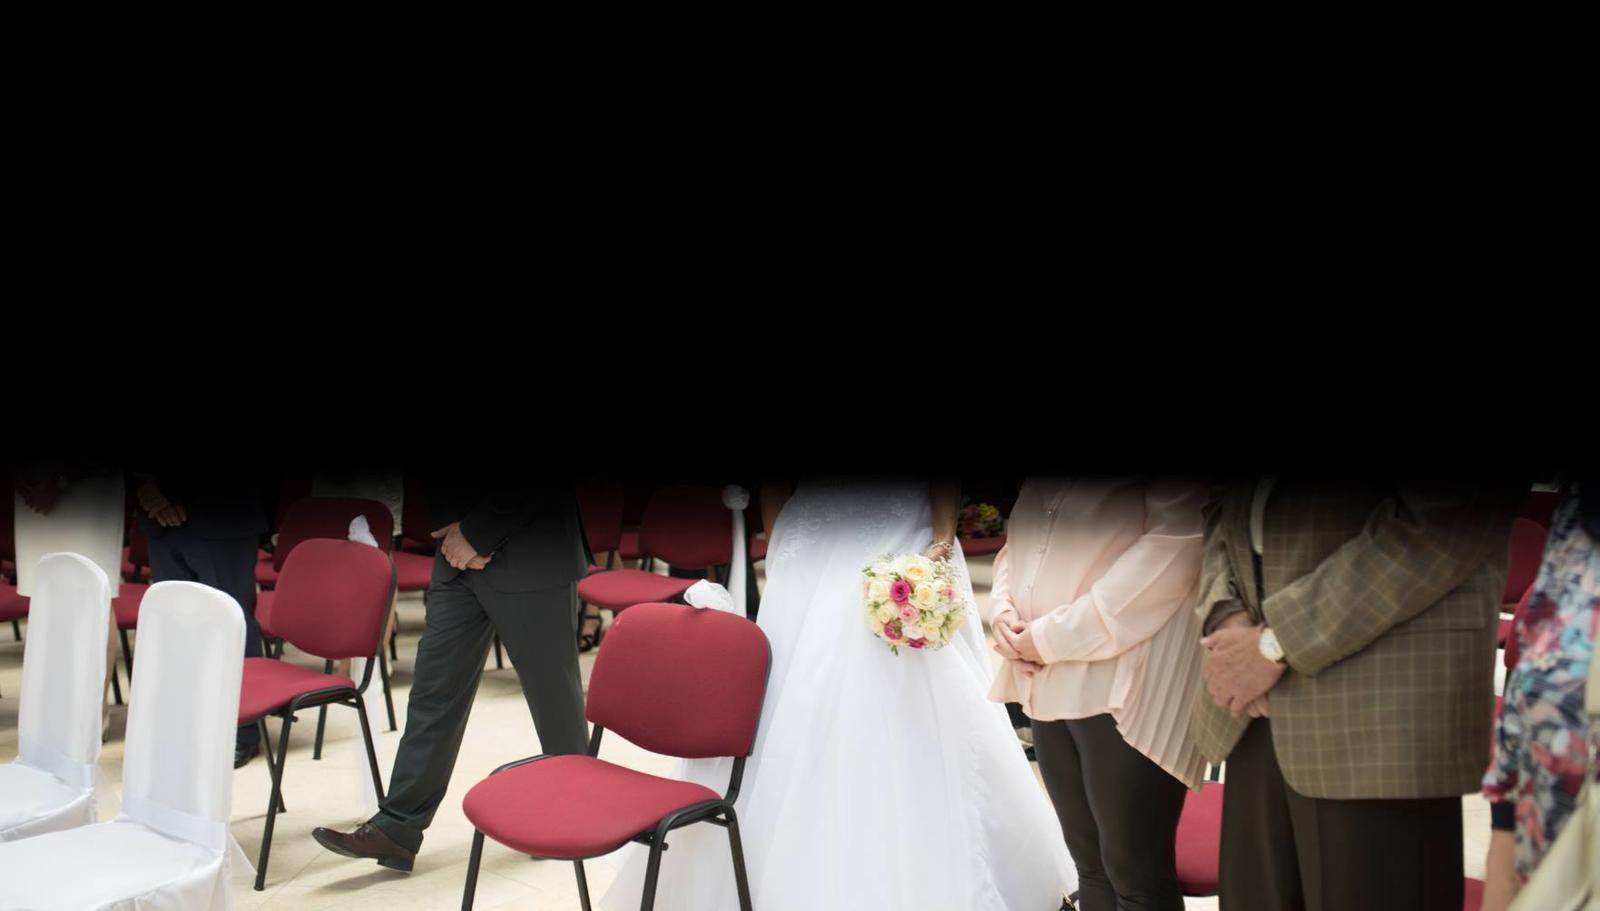 @weddinko Samozrejme svadba sa... - Obrázok č. 1